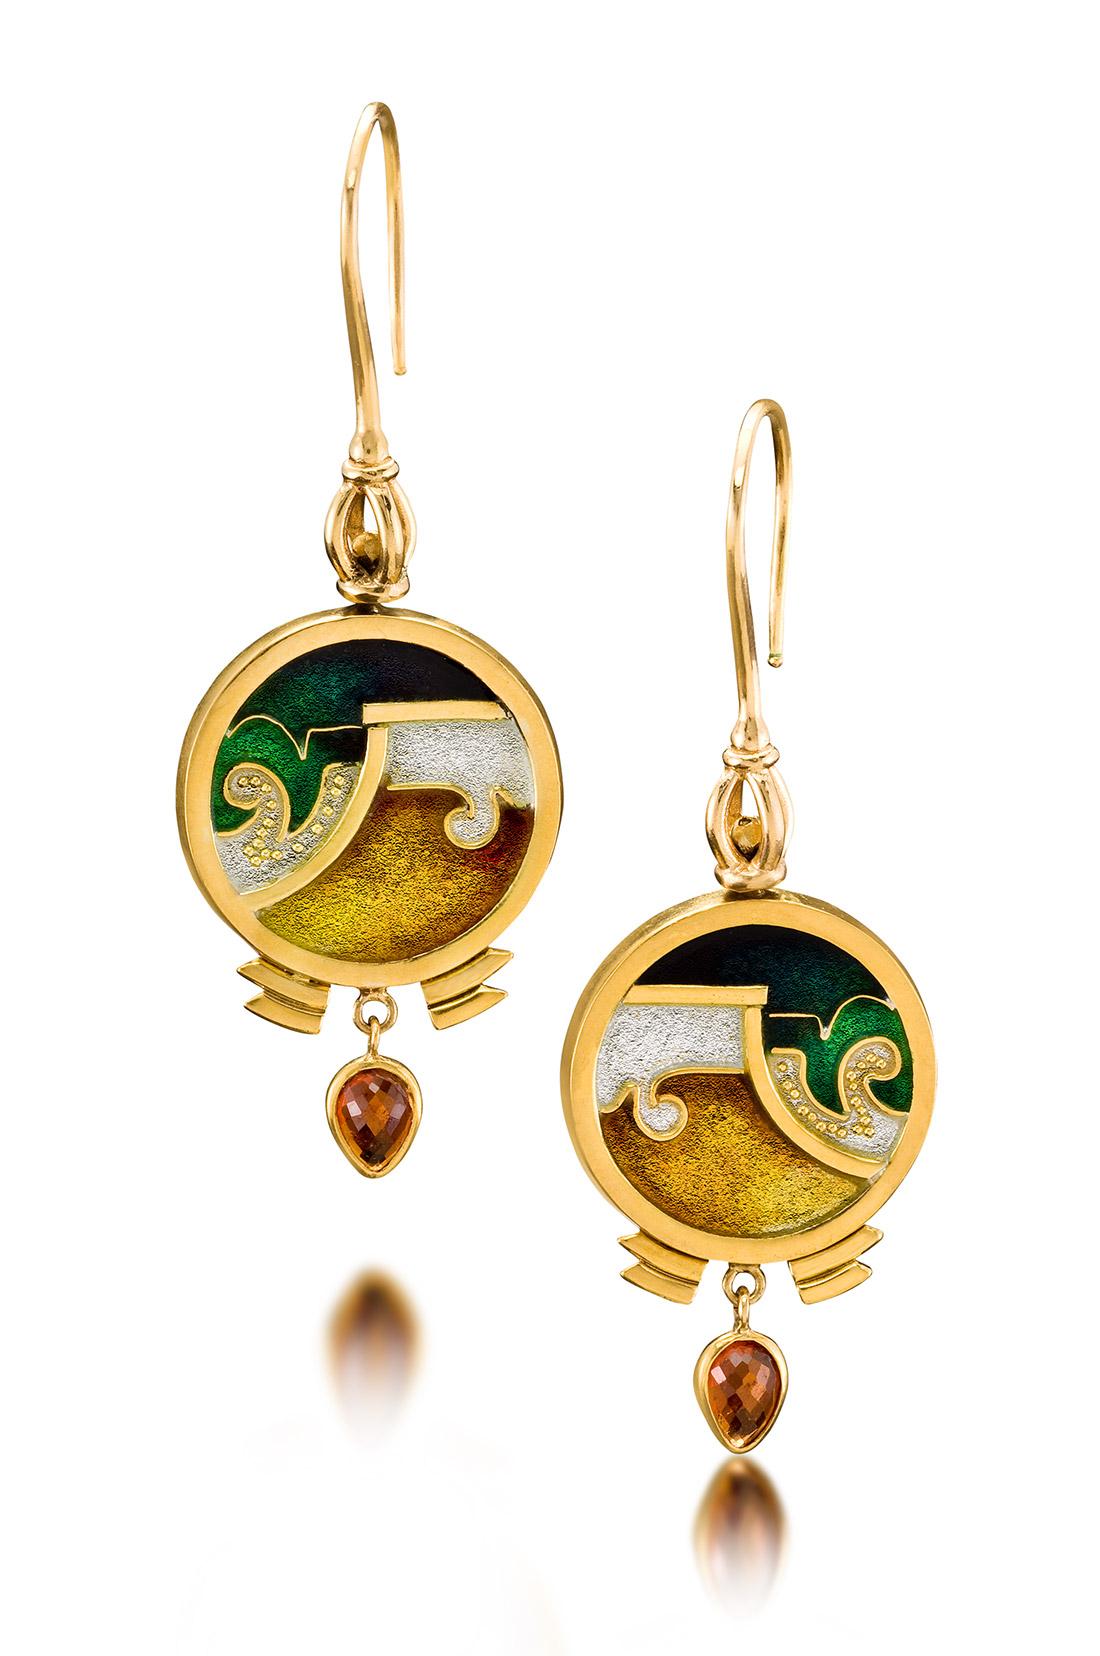 Custom Enamel Earrings | Noche Bella | Enamel Jewelry by Patsy Croft